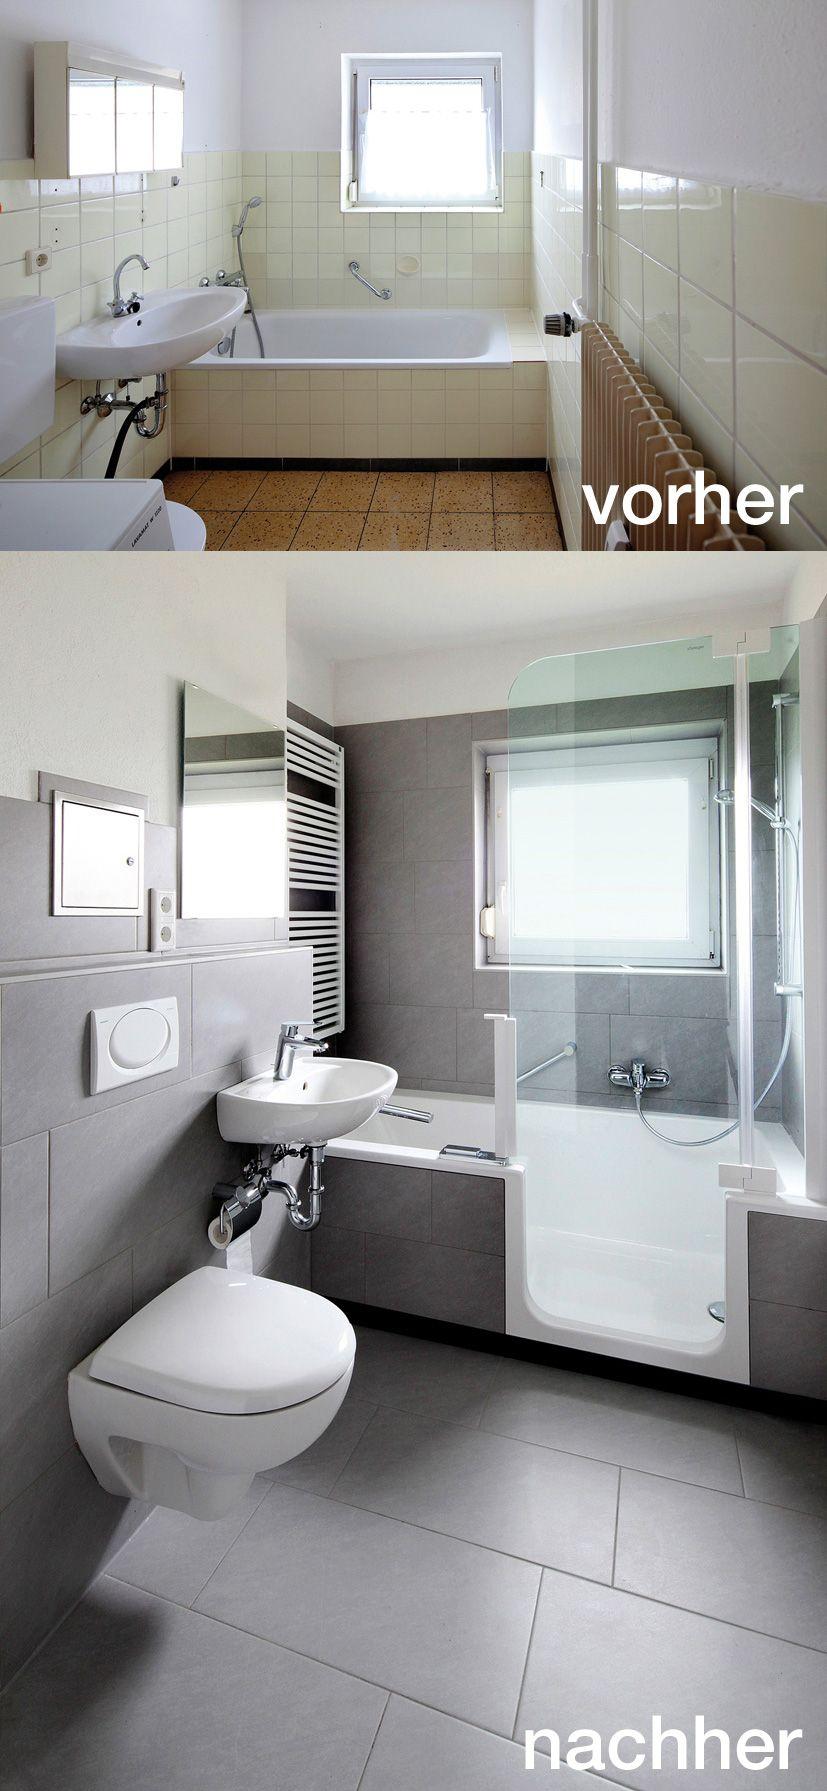 badrenovierung mit twinline 2 duschbadewanne (teilversenkt mit nur, Badezimmer ideen